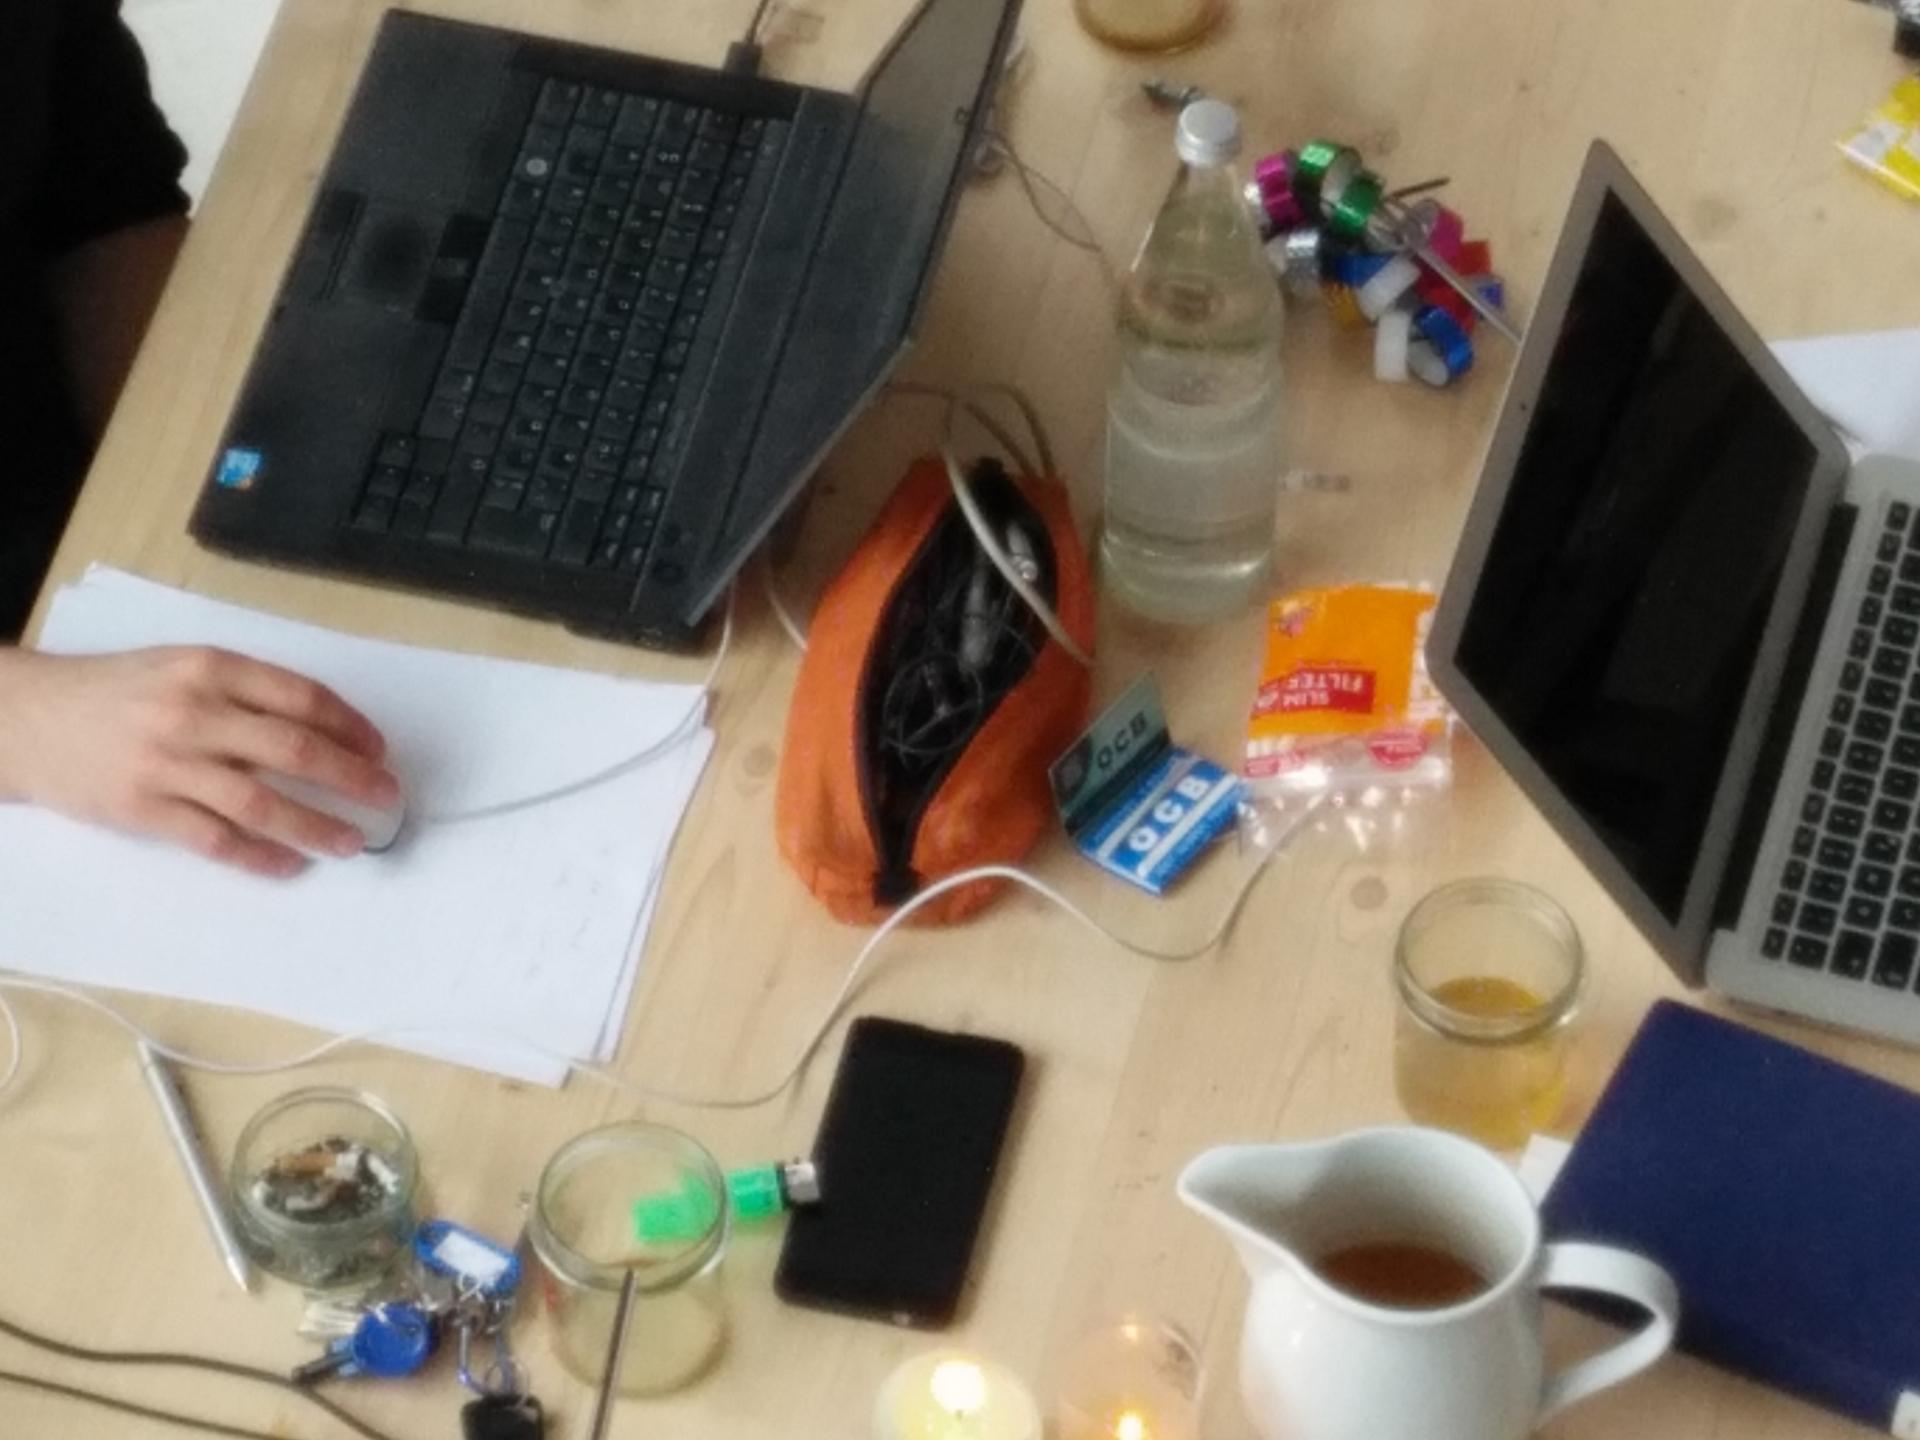 die Anstoß e.V. Workßpace